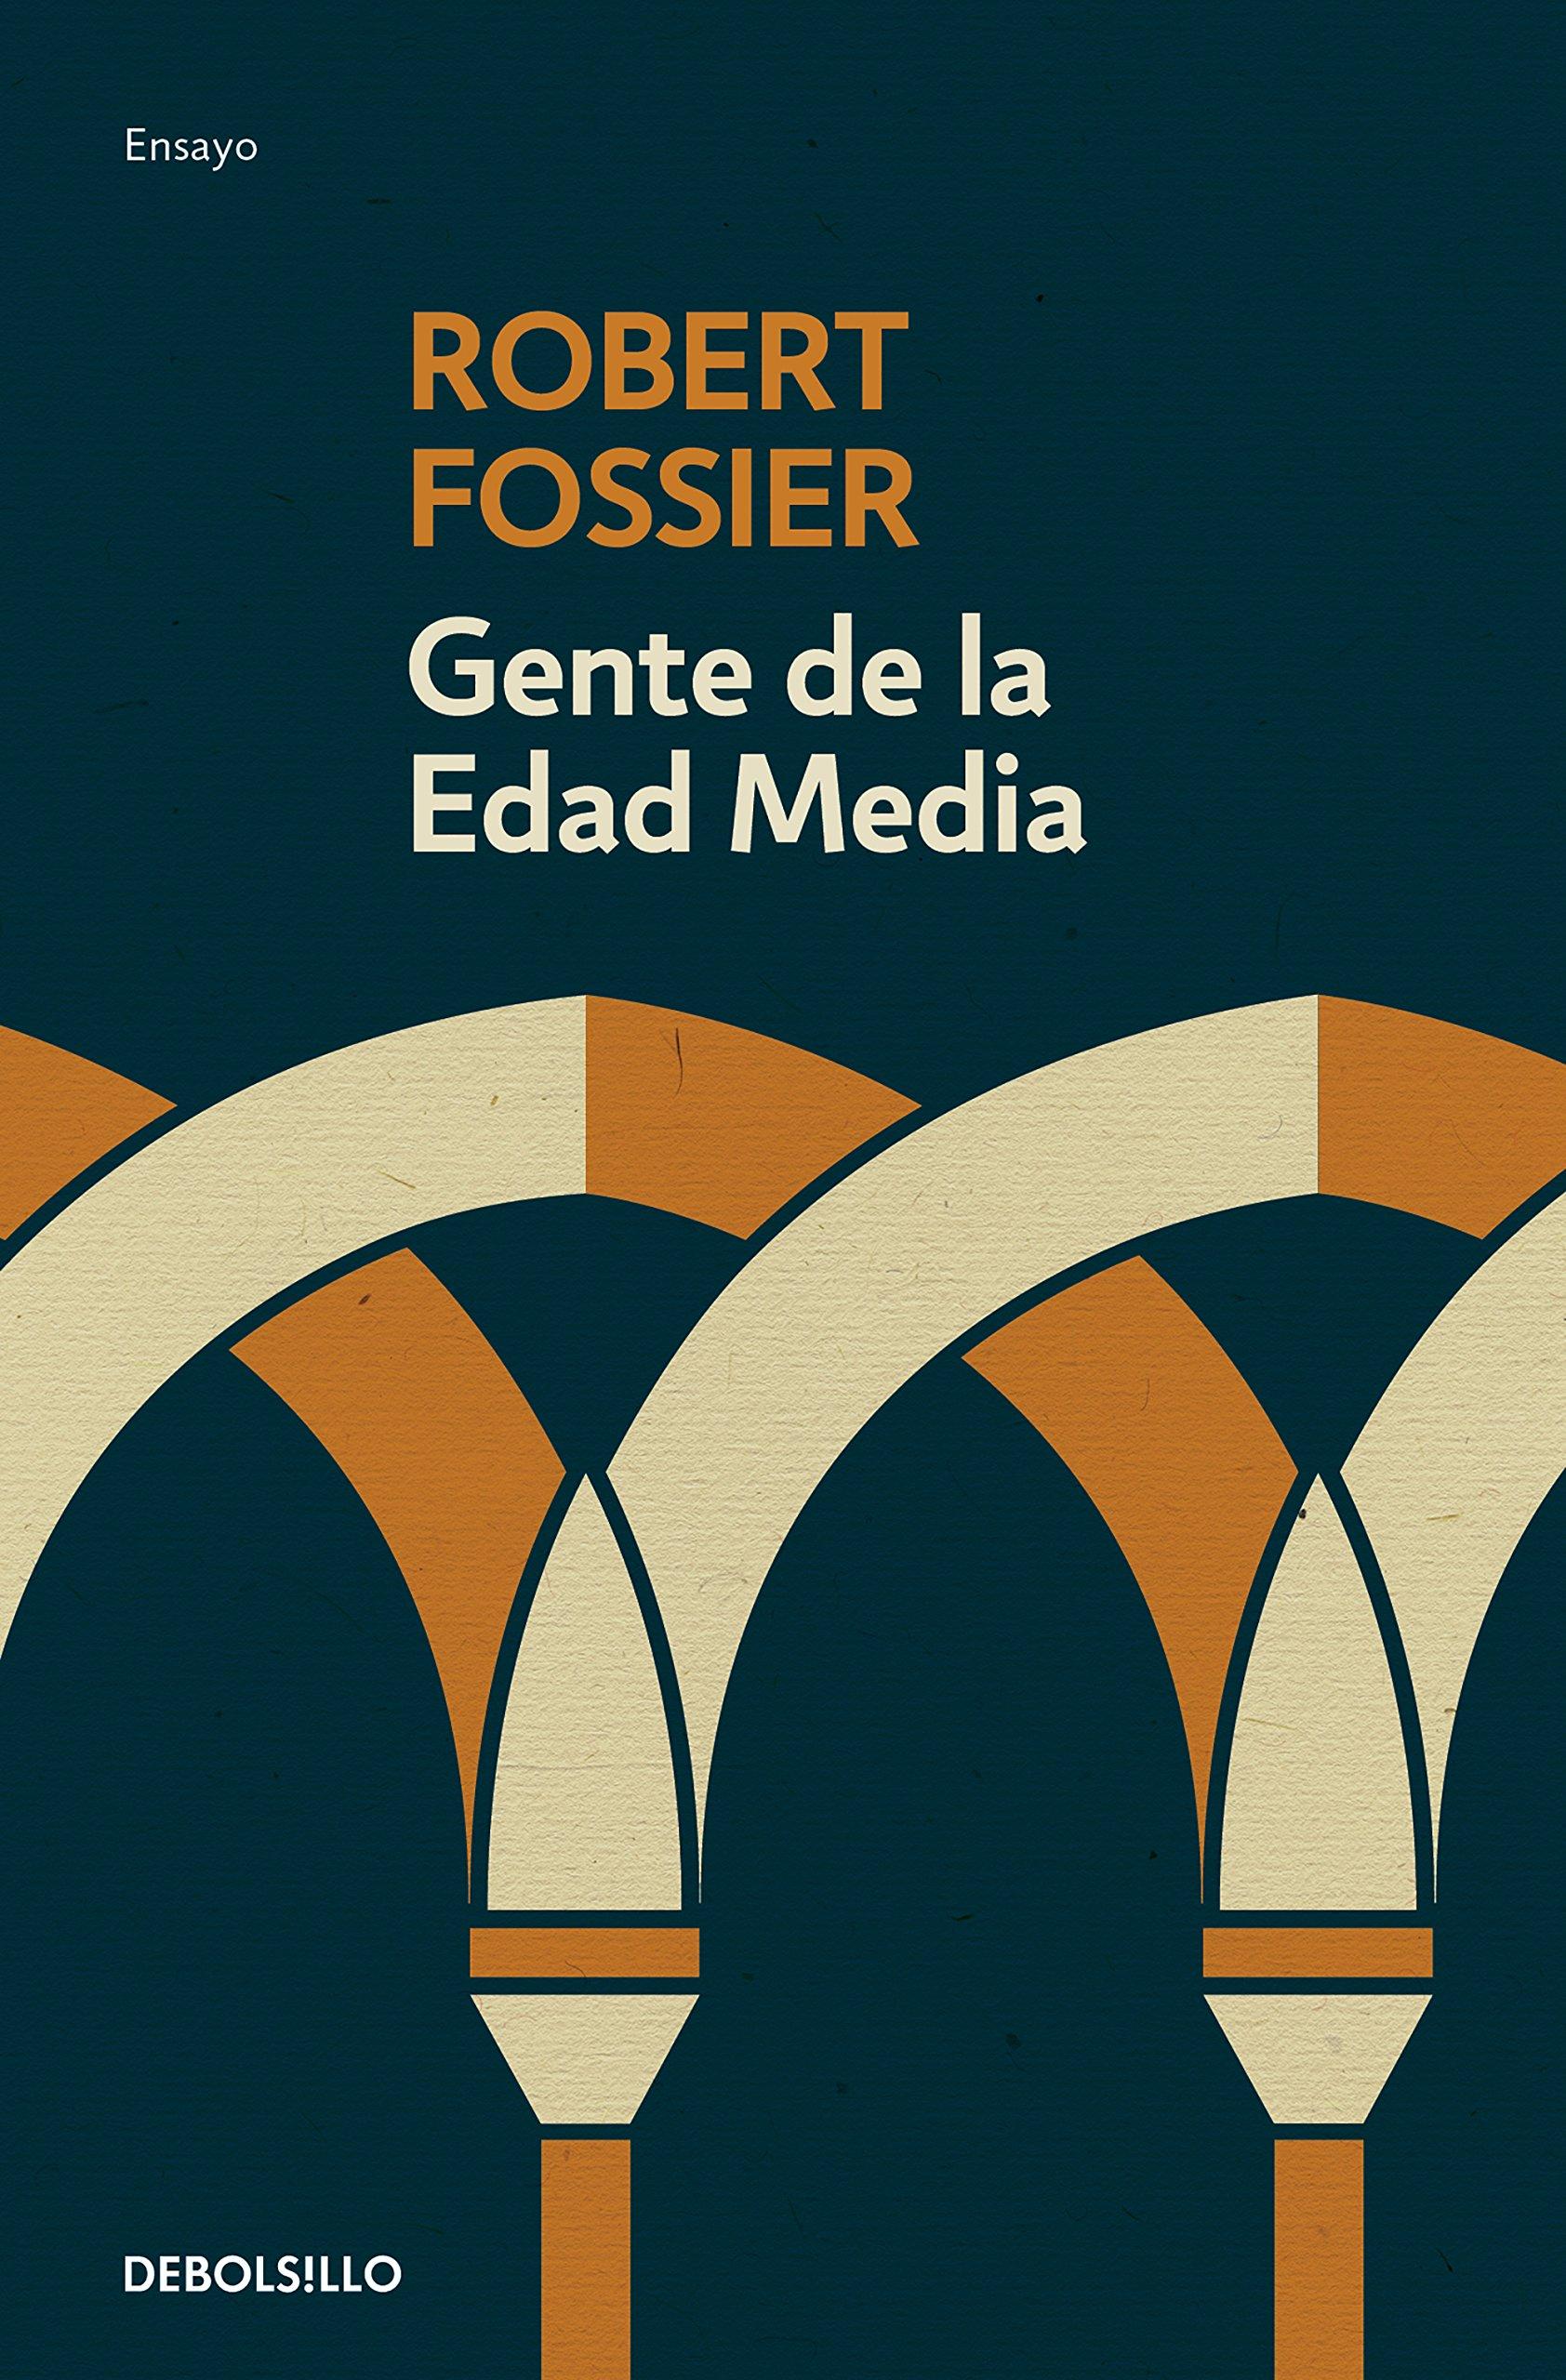 Gente de la Edad Media (Ensayo   Crónica): Amazon.es: Fossier, Robert: Libros